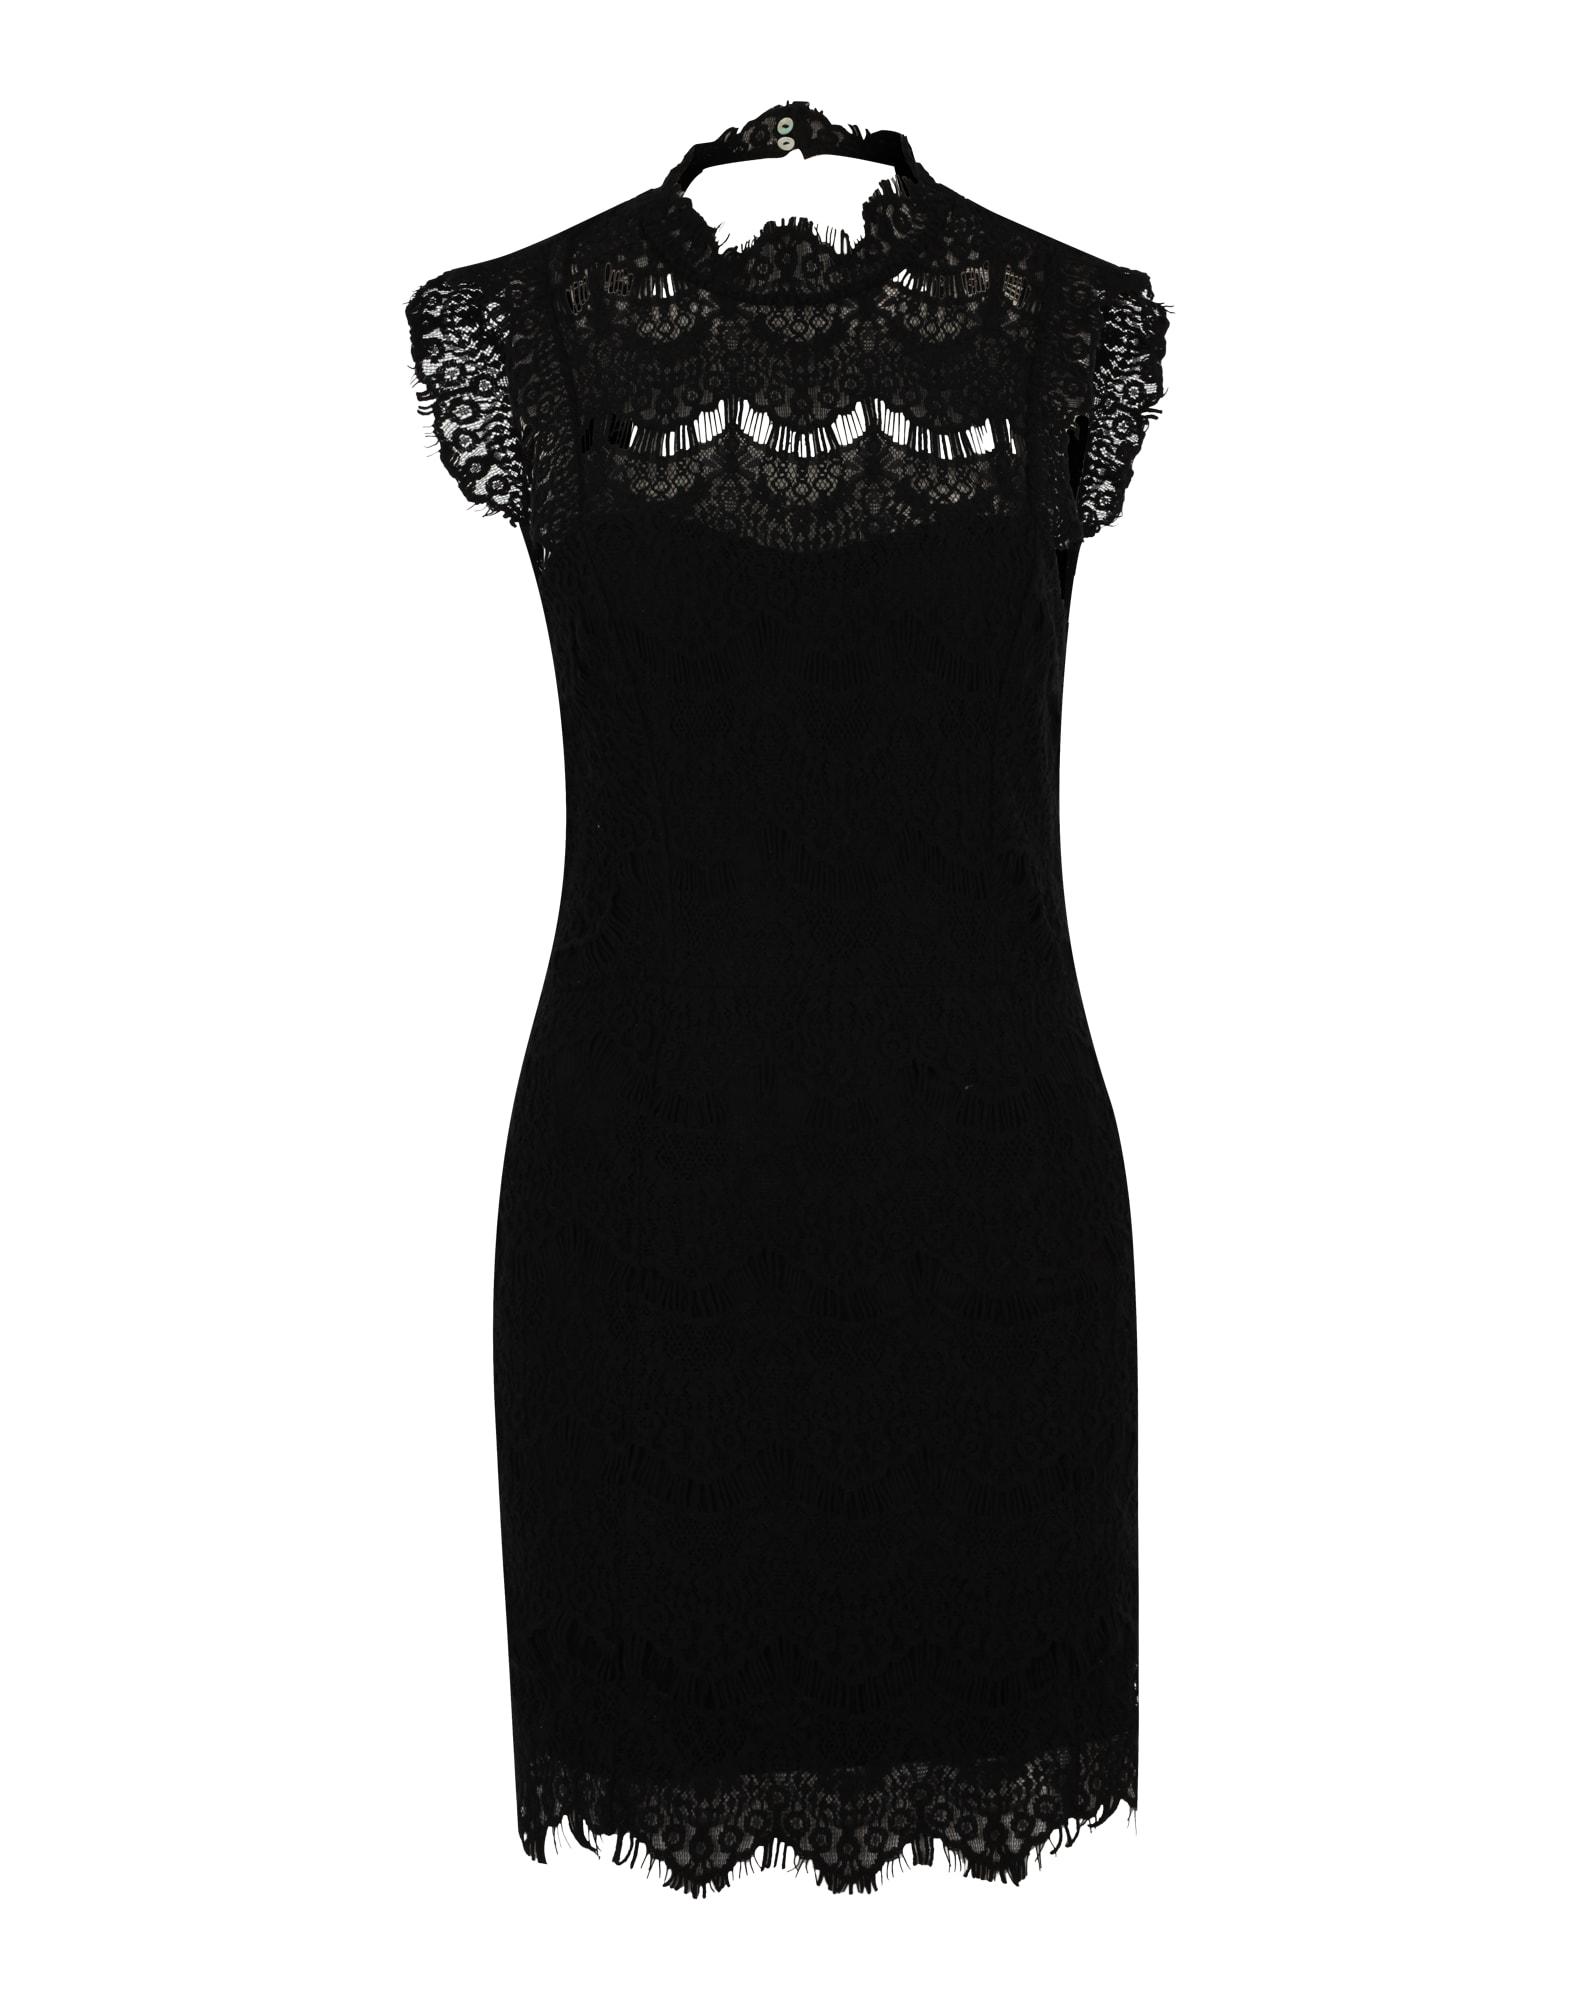 Koktejlové šaty Daydream černá Free People